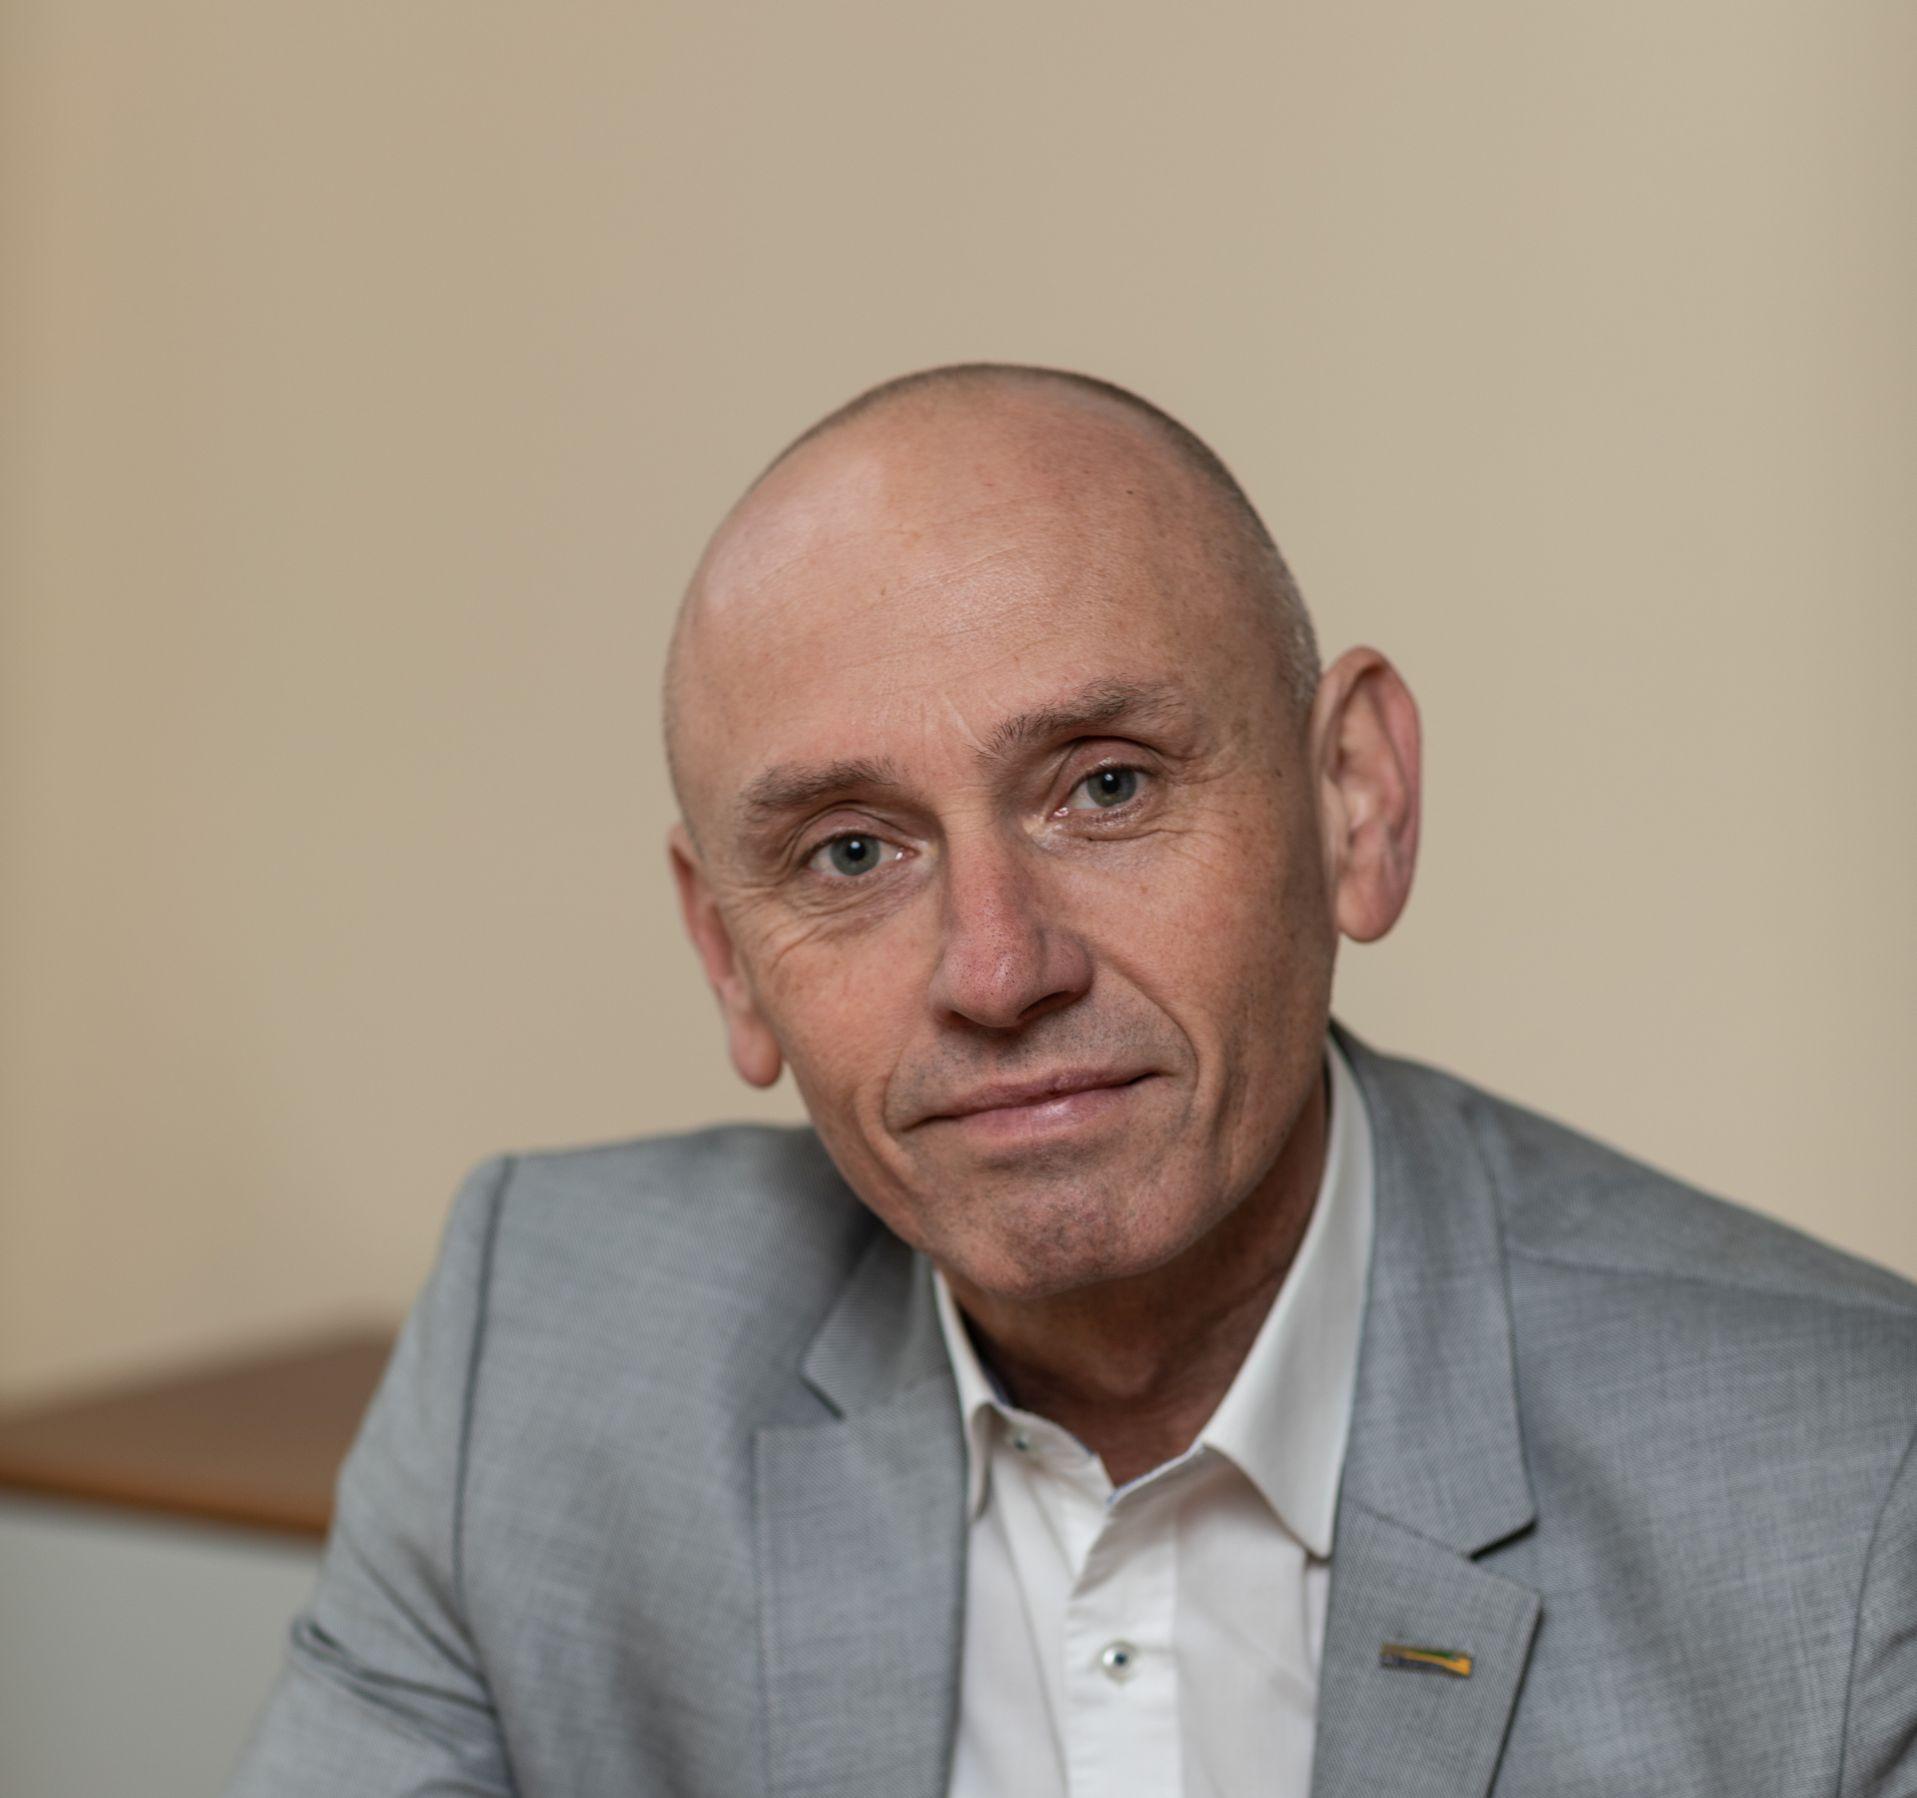 A munkaerőmegtartás első számú menedzsmentprioritás - interjú Végh Andrással, a GYSEV CARGO Zrt. általános vezérigazgató-helyettesével